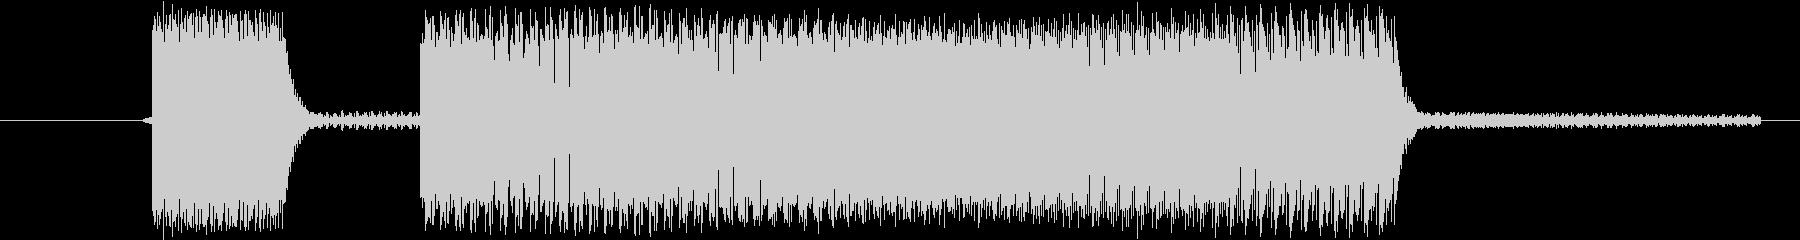 ブブー(クイズの不正解)の未再生の波形